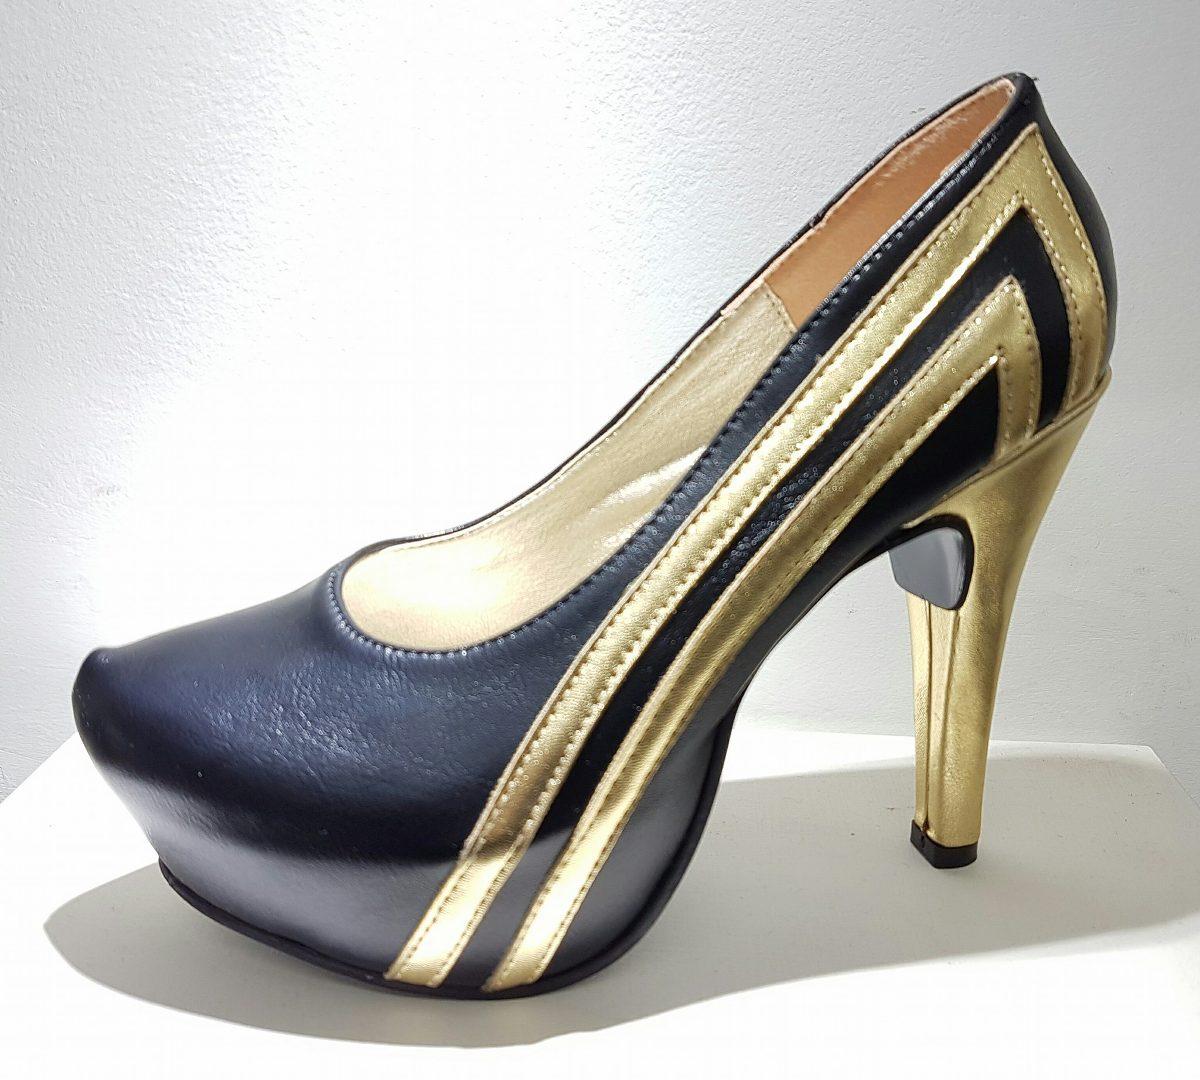 De Mercado 00 Y Stiletto Zapatos 300 Negro En Oro 1 Fiesta 15vaqvxw 5aa7286c769f